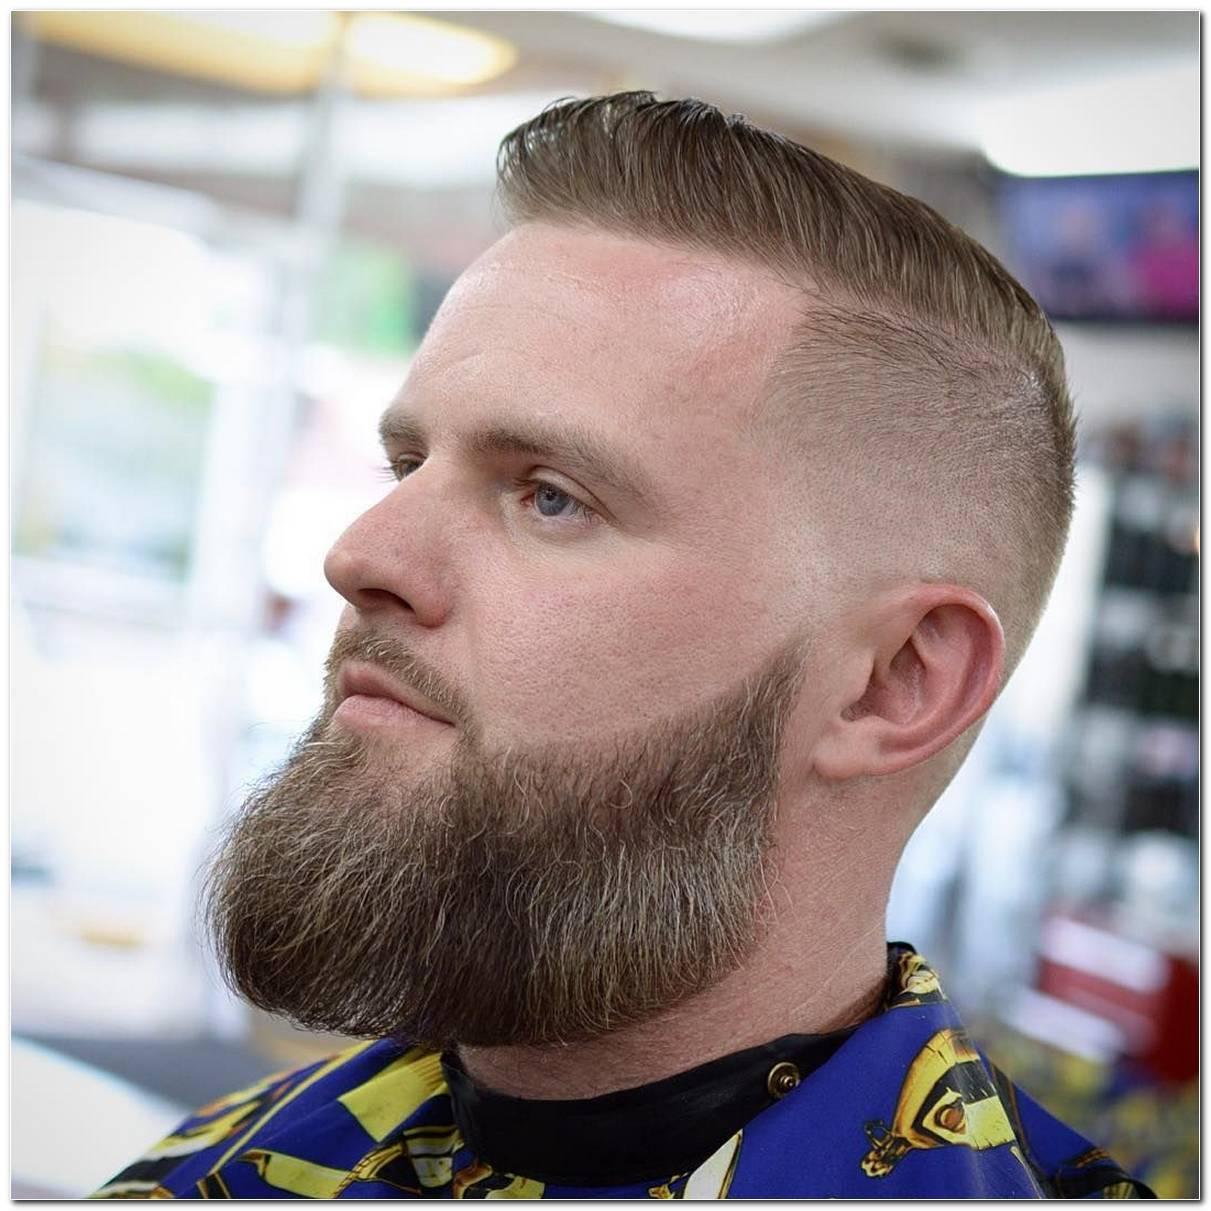 Frisuren FüR MäNner Mit Beginnender Glatze